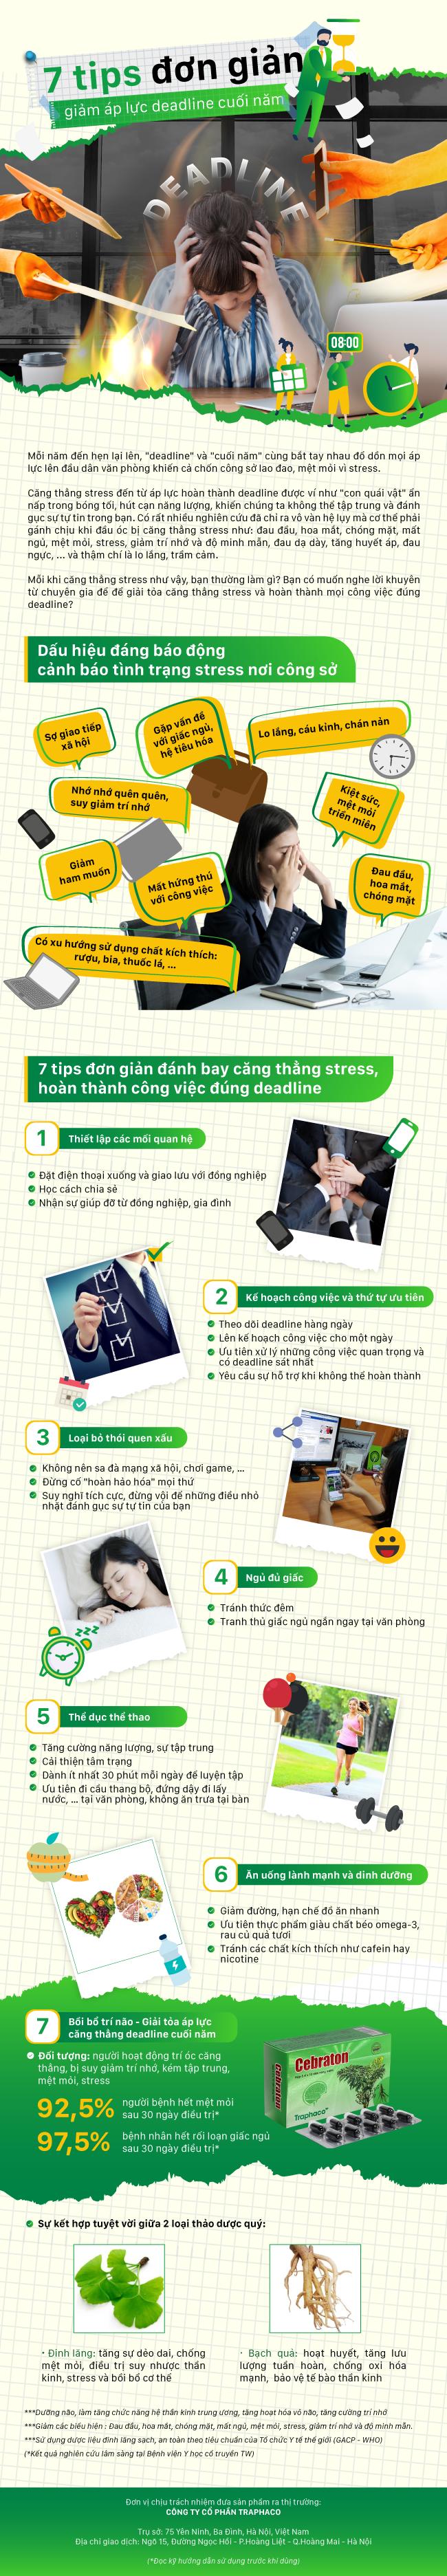 7 tips đơn giản giảm chứng căng thẳng, mệt mỏi  - Ảnh 1.